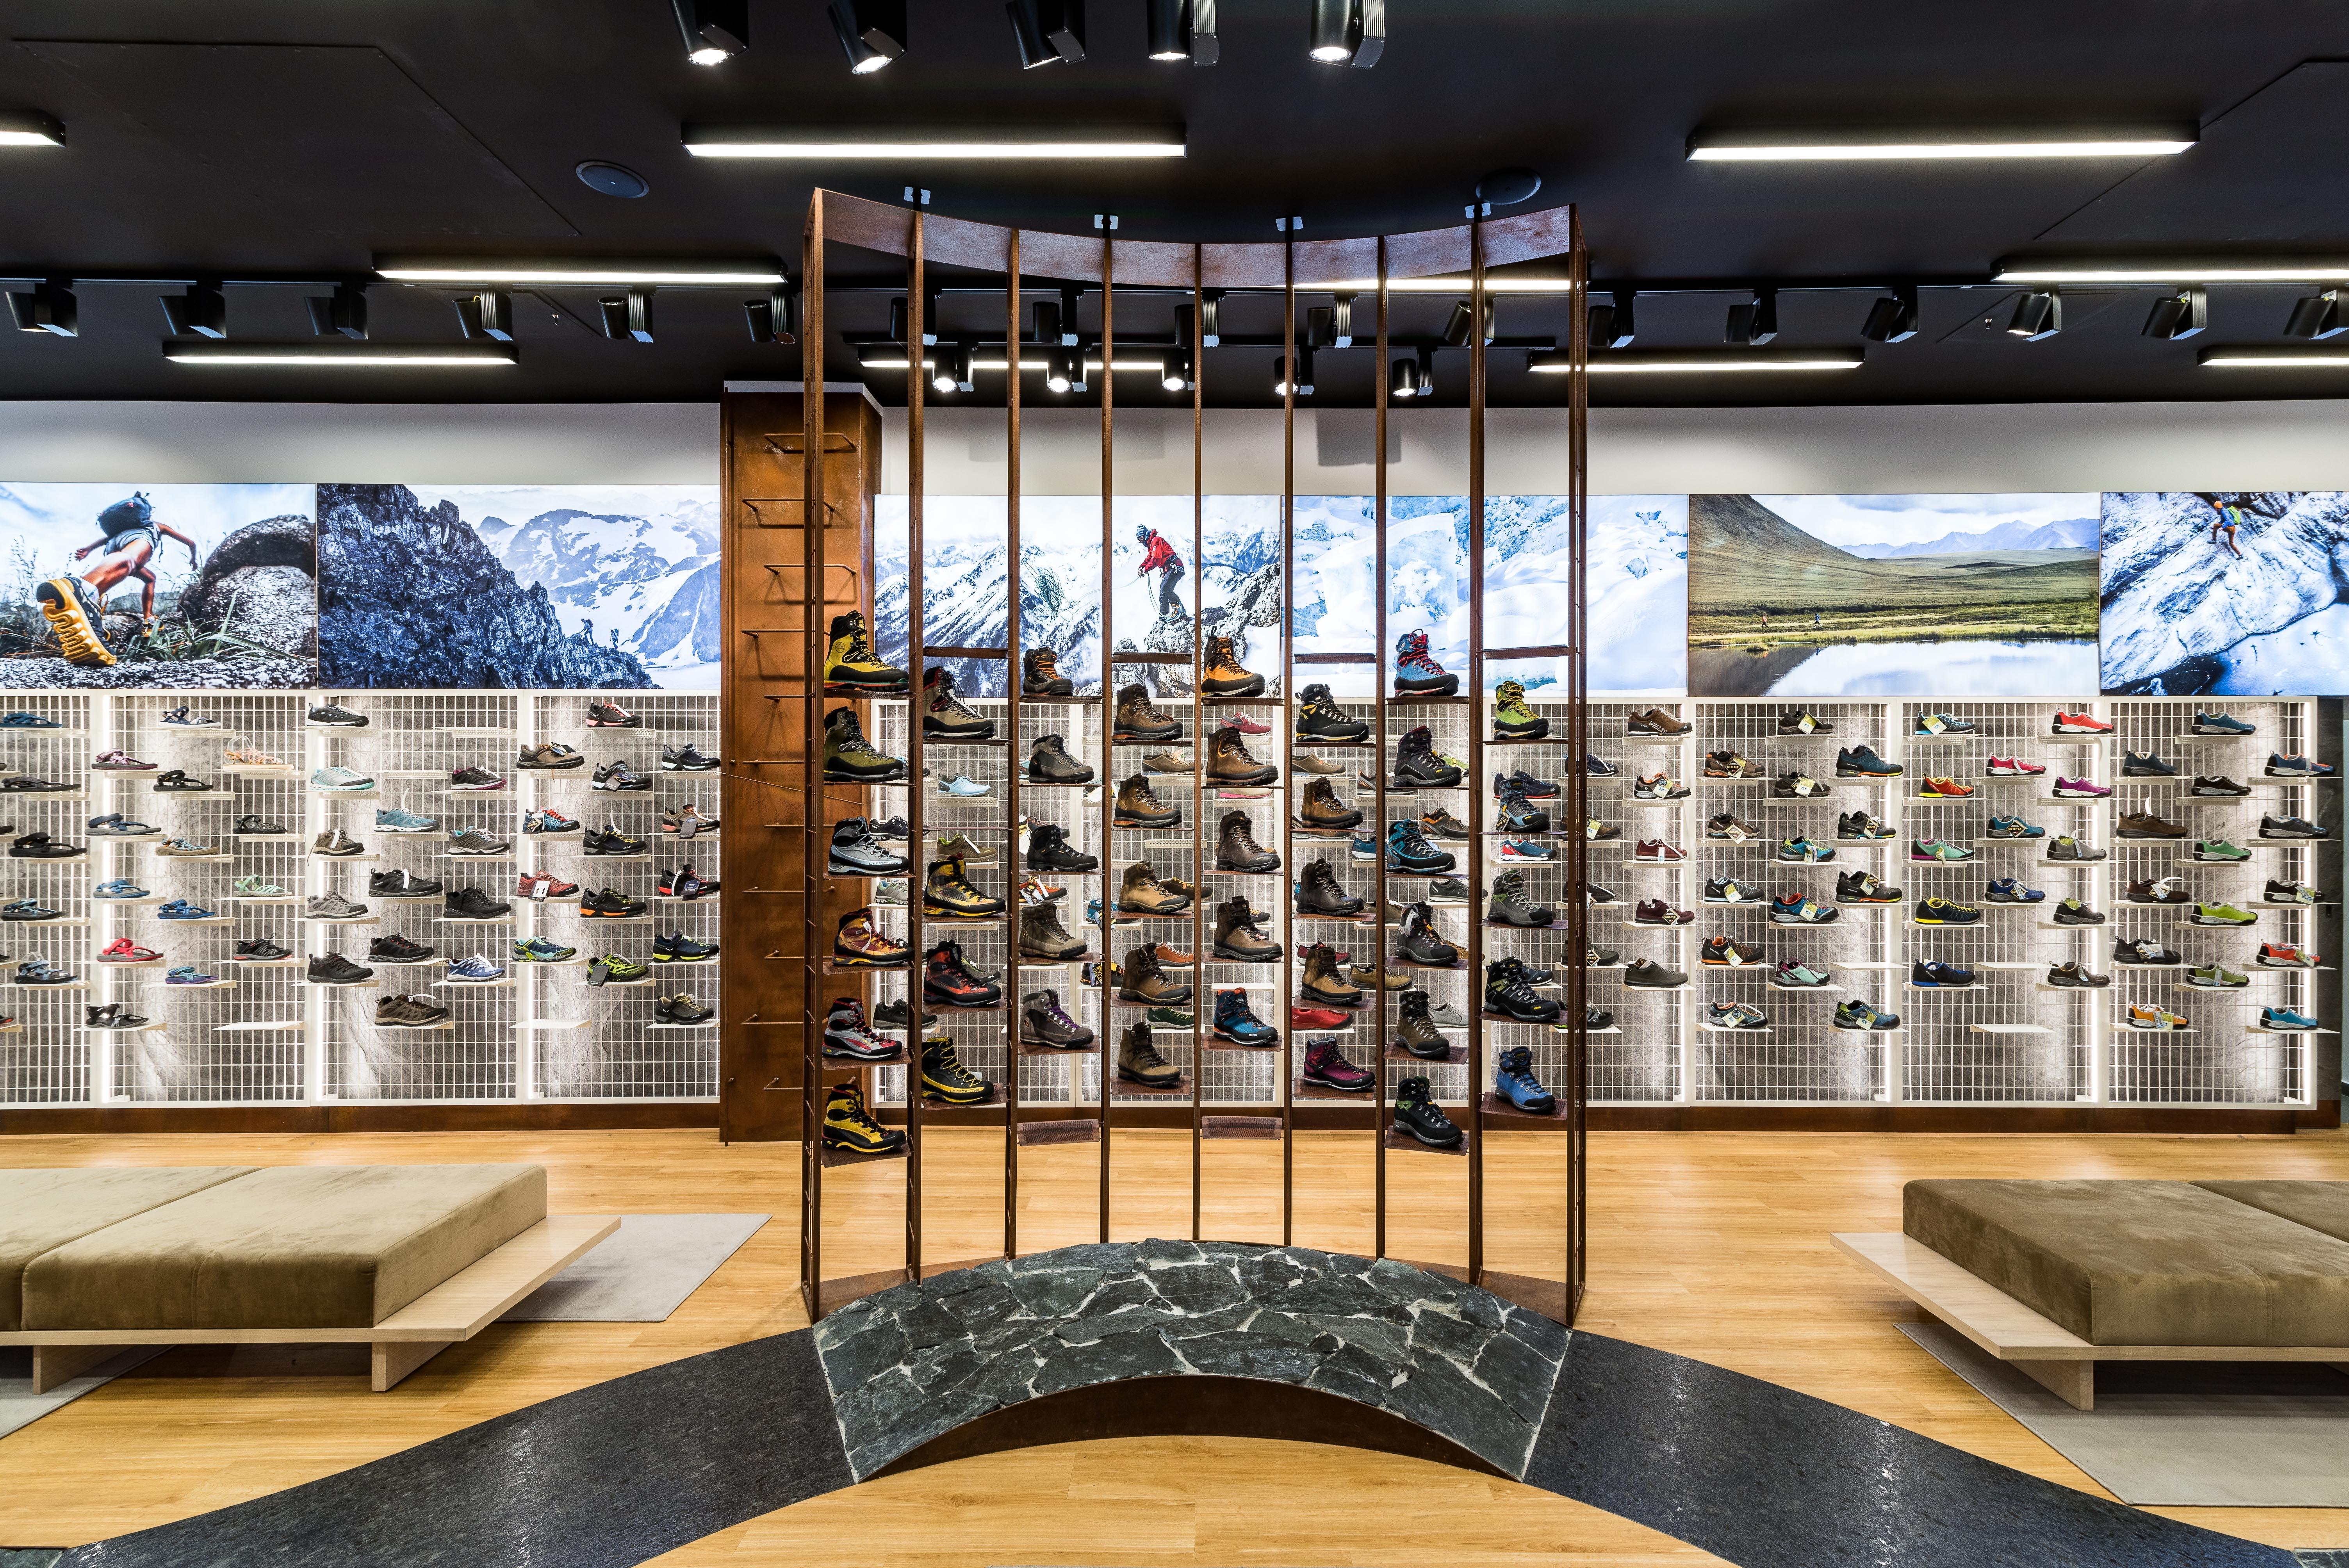 Regały z butami, ekspozycja sklepowa, siedziska do przymierzania oraz oświetlenie sklepowe